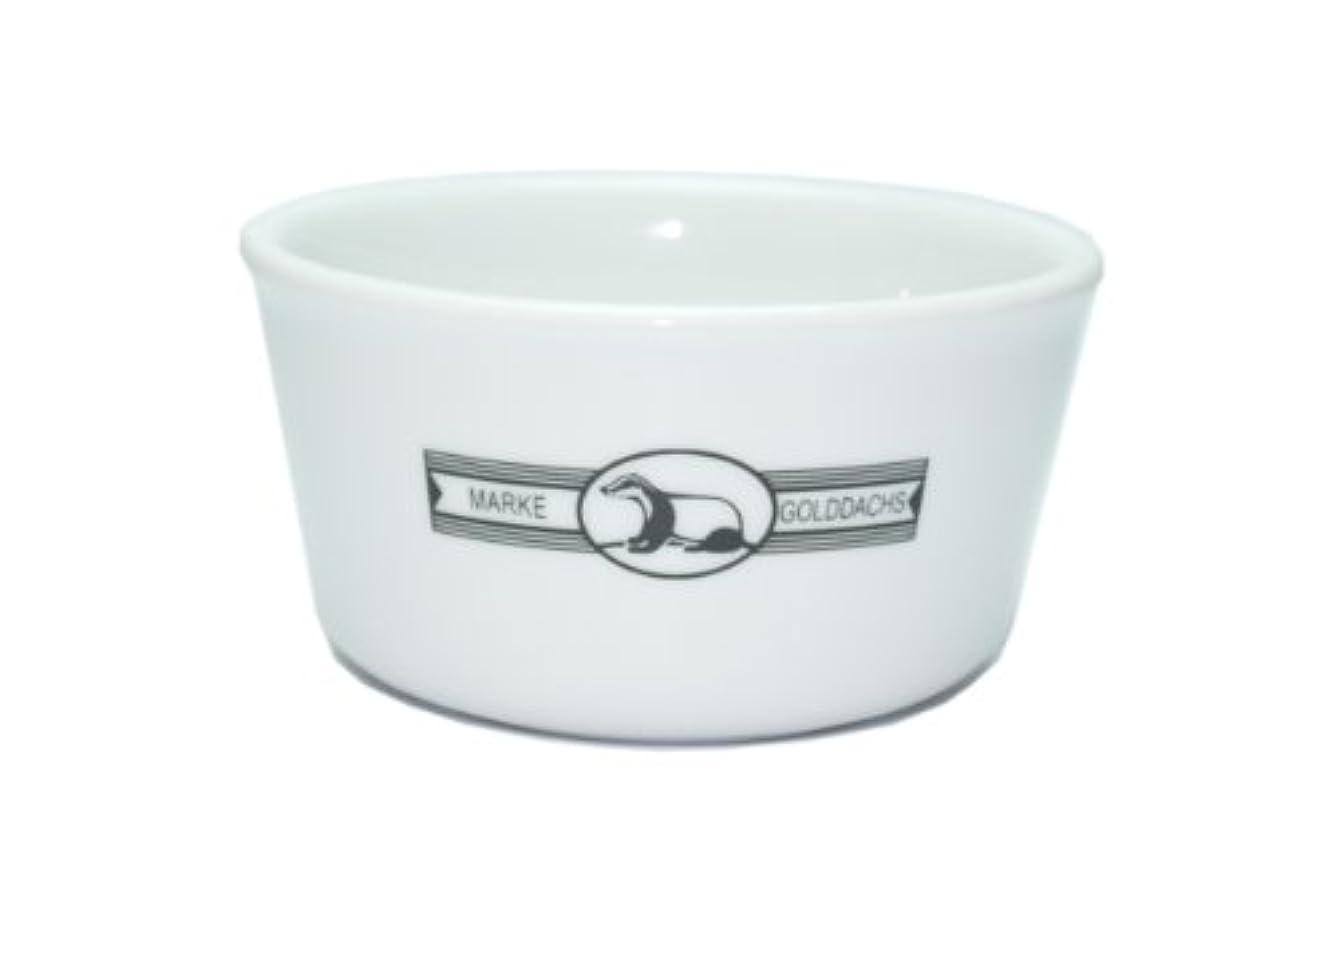 力強い冒険家思い出すGolddachs Shaving Pot, Porcelain